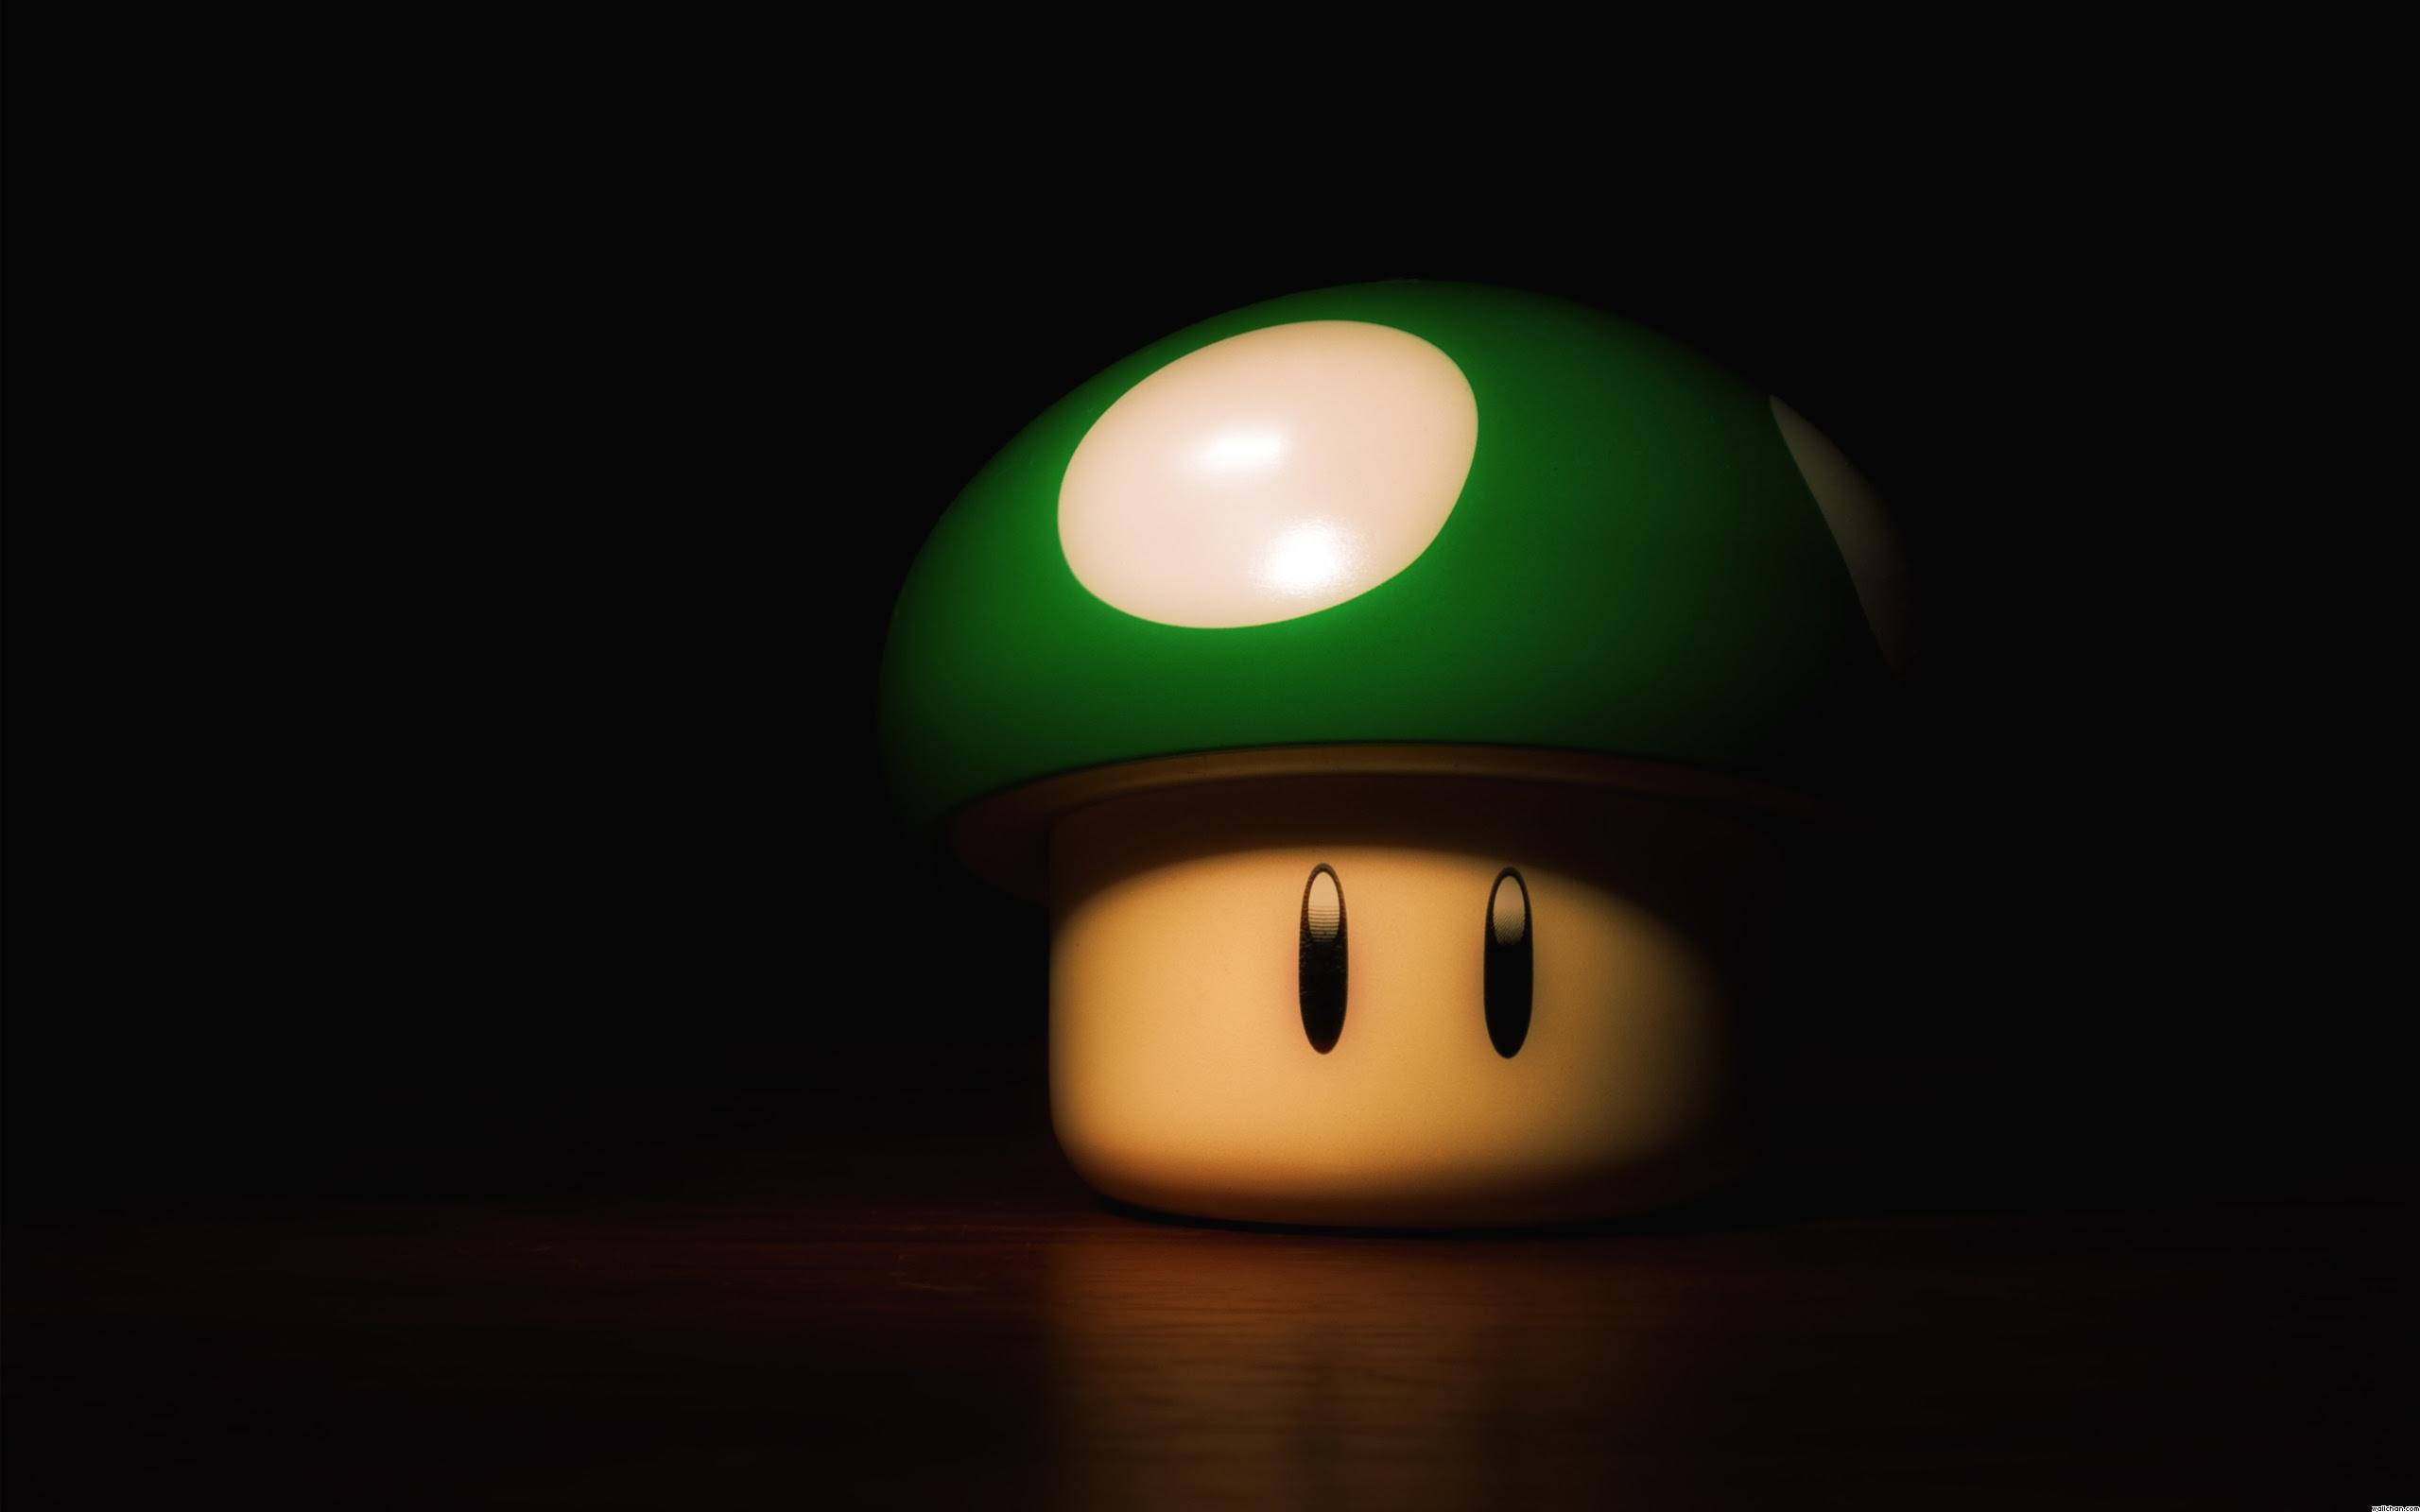 Mario Mushroom Hd Wallpaper 2560x1600 25715